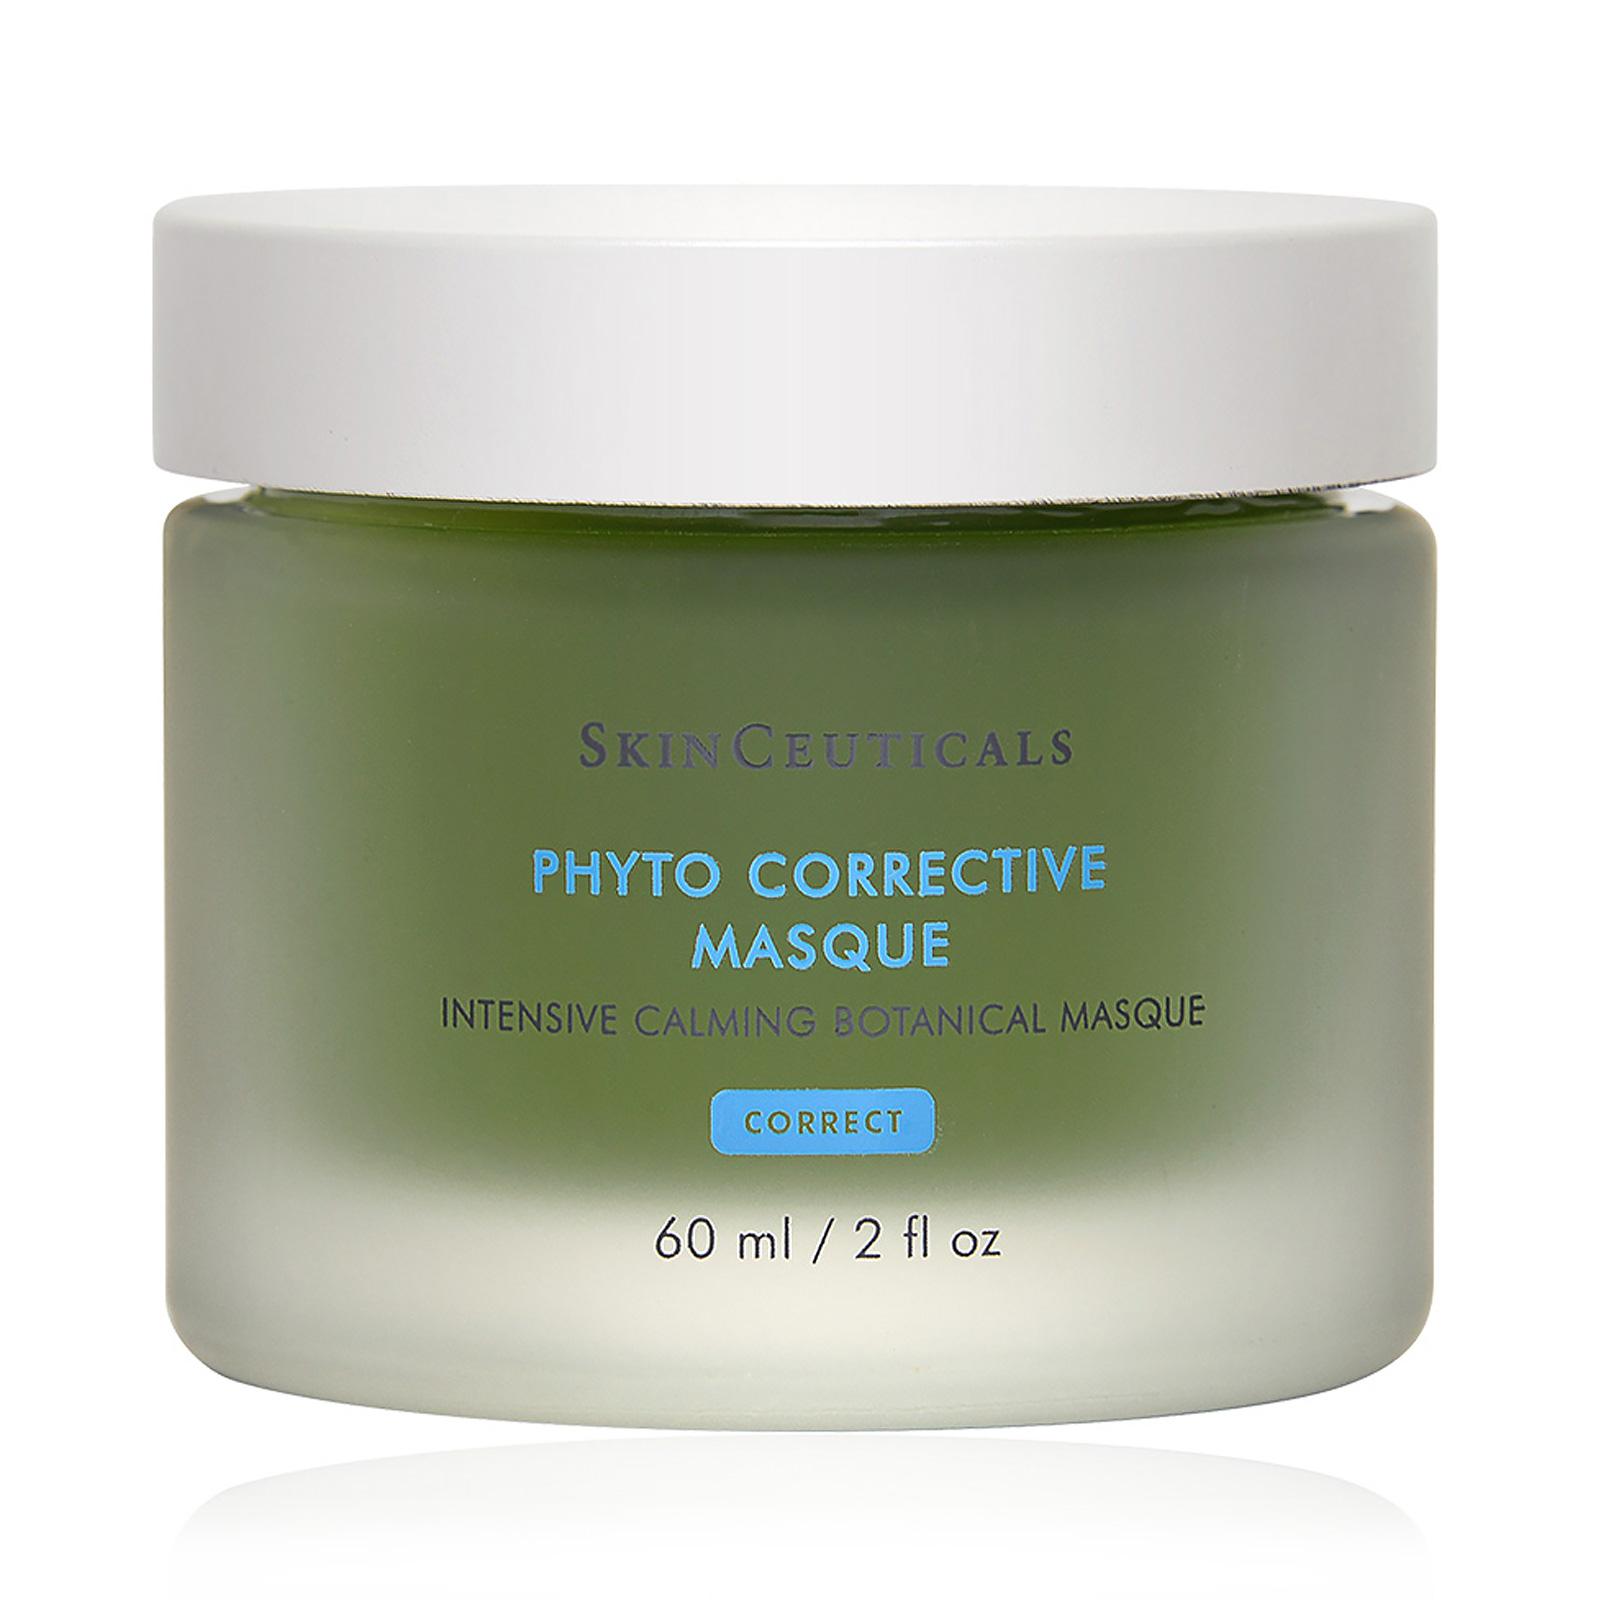 Phyto Corrective Masque